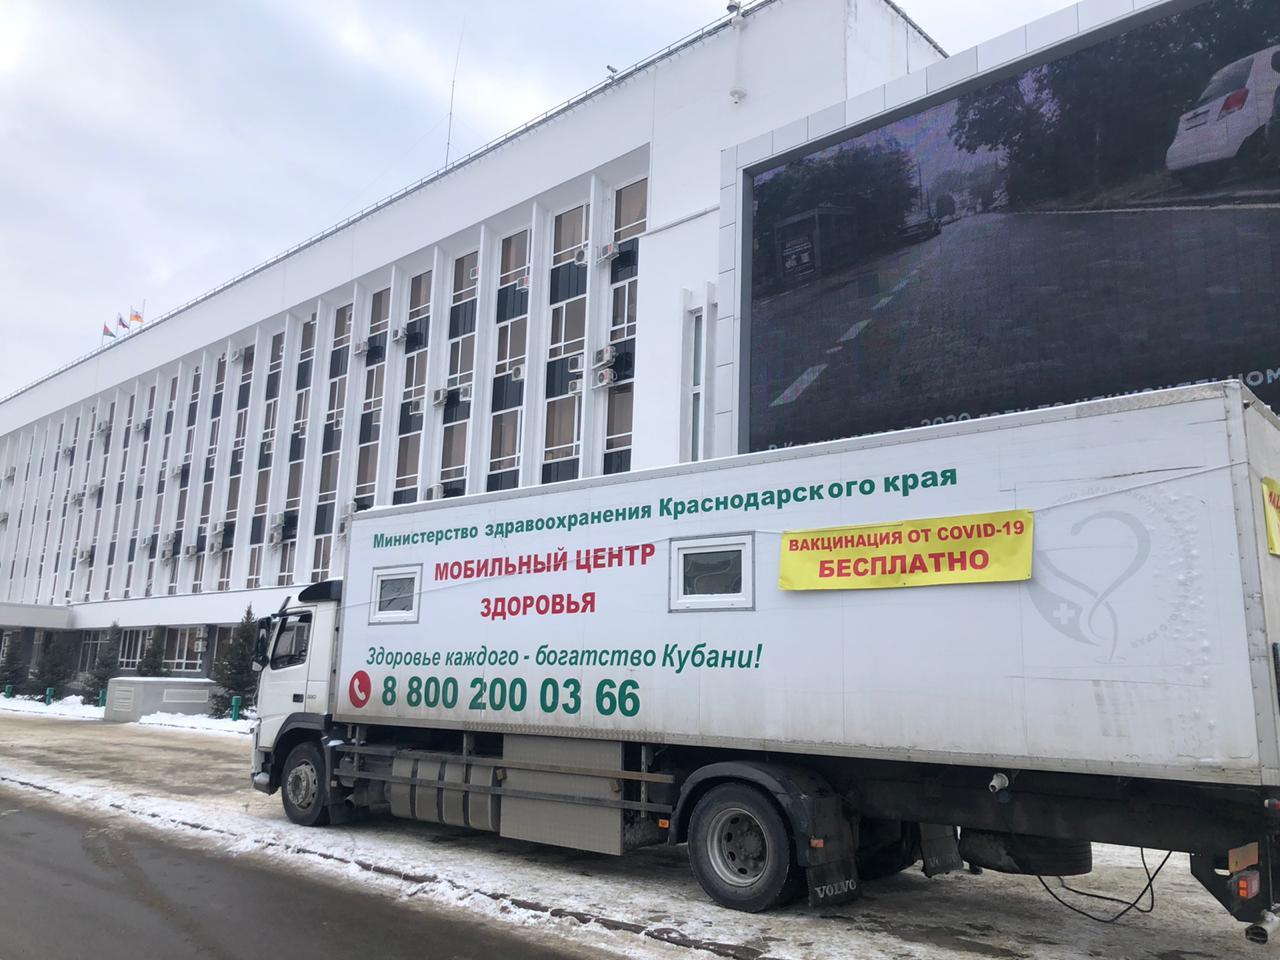 В Краснодаре появились два мобильных пункта вакцинации от коронавируса